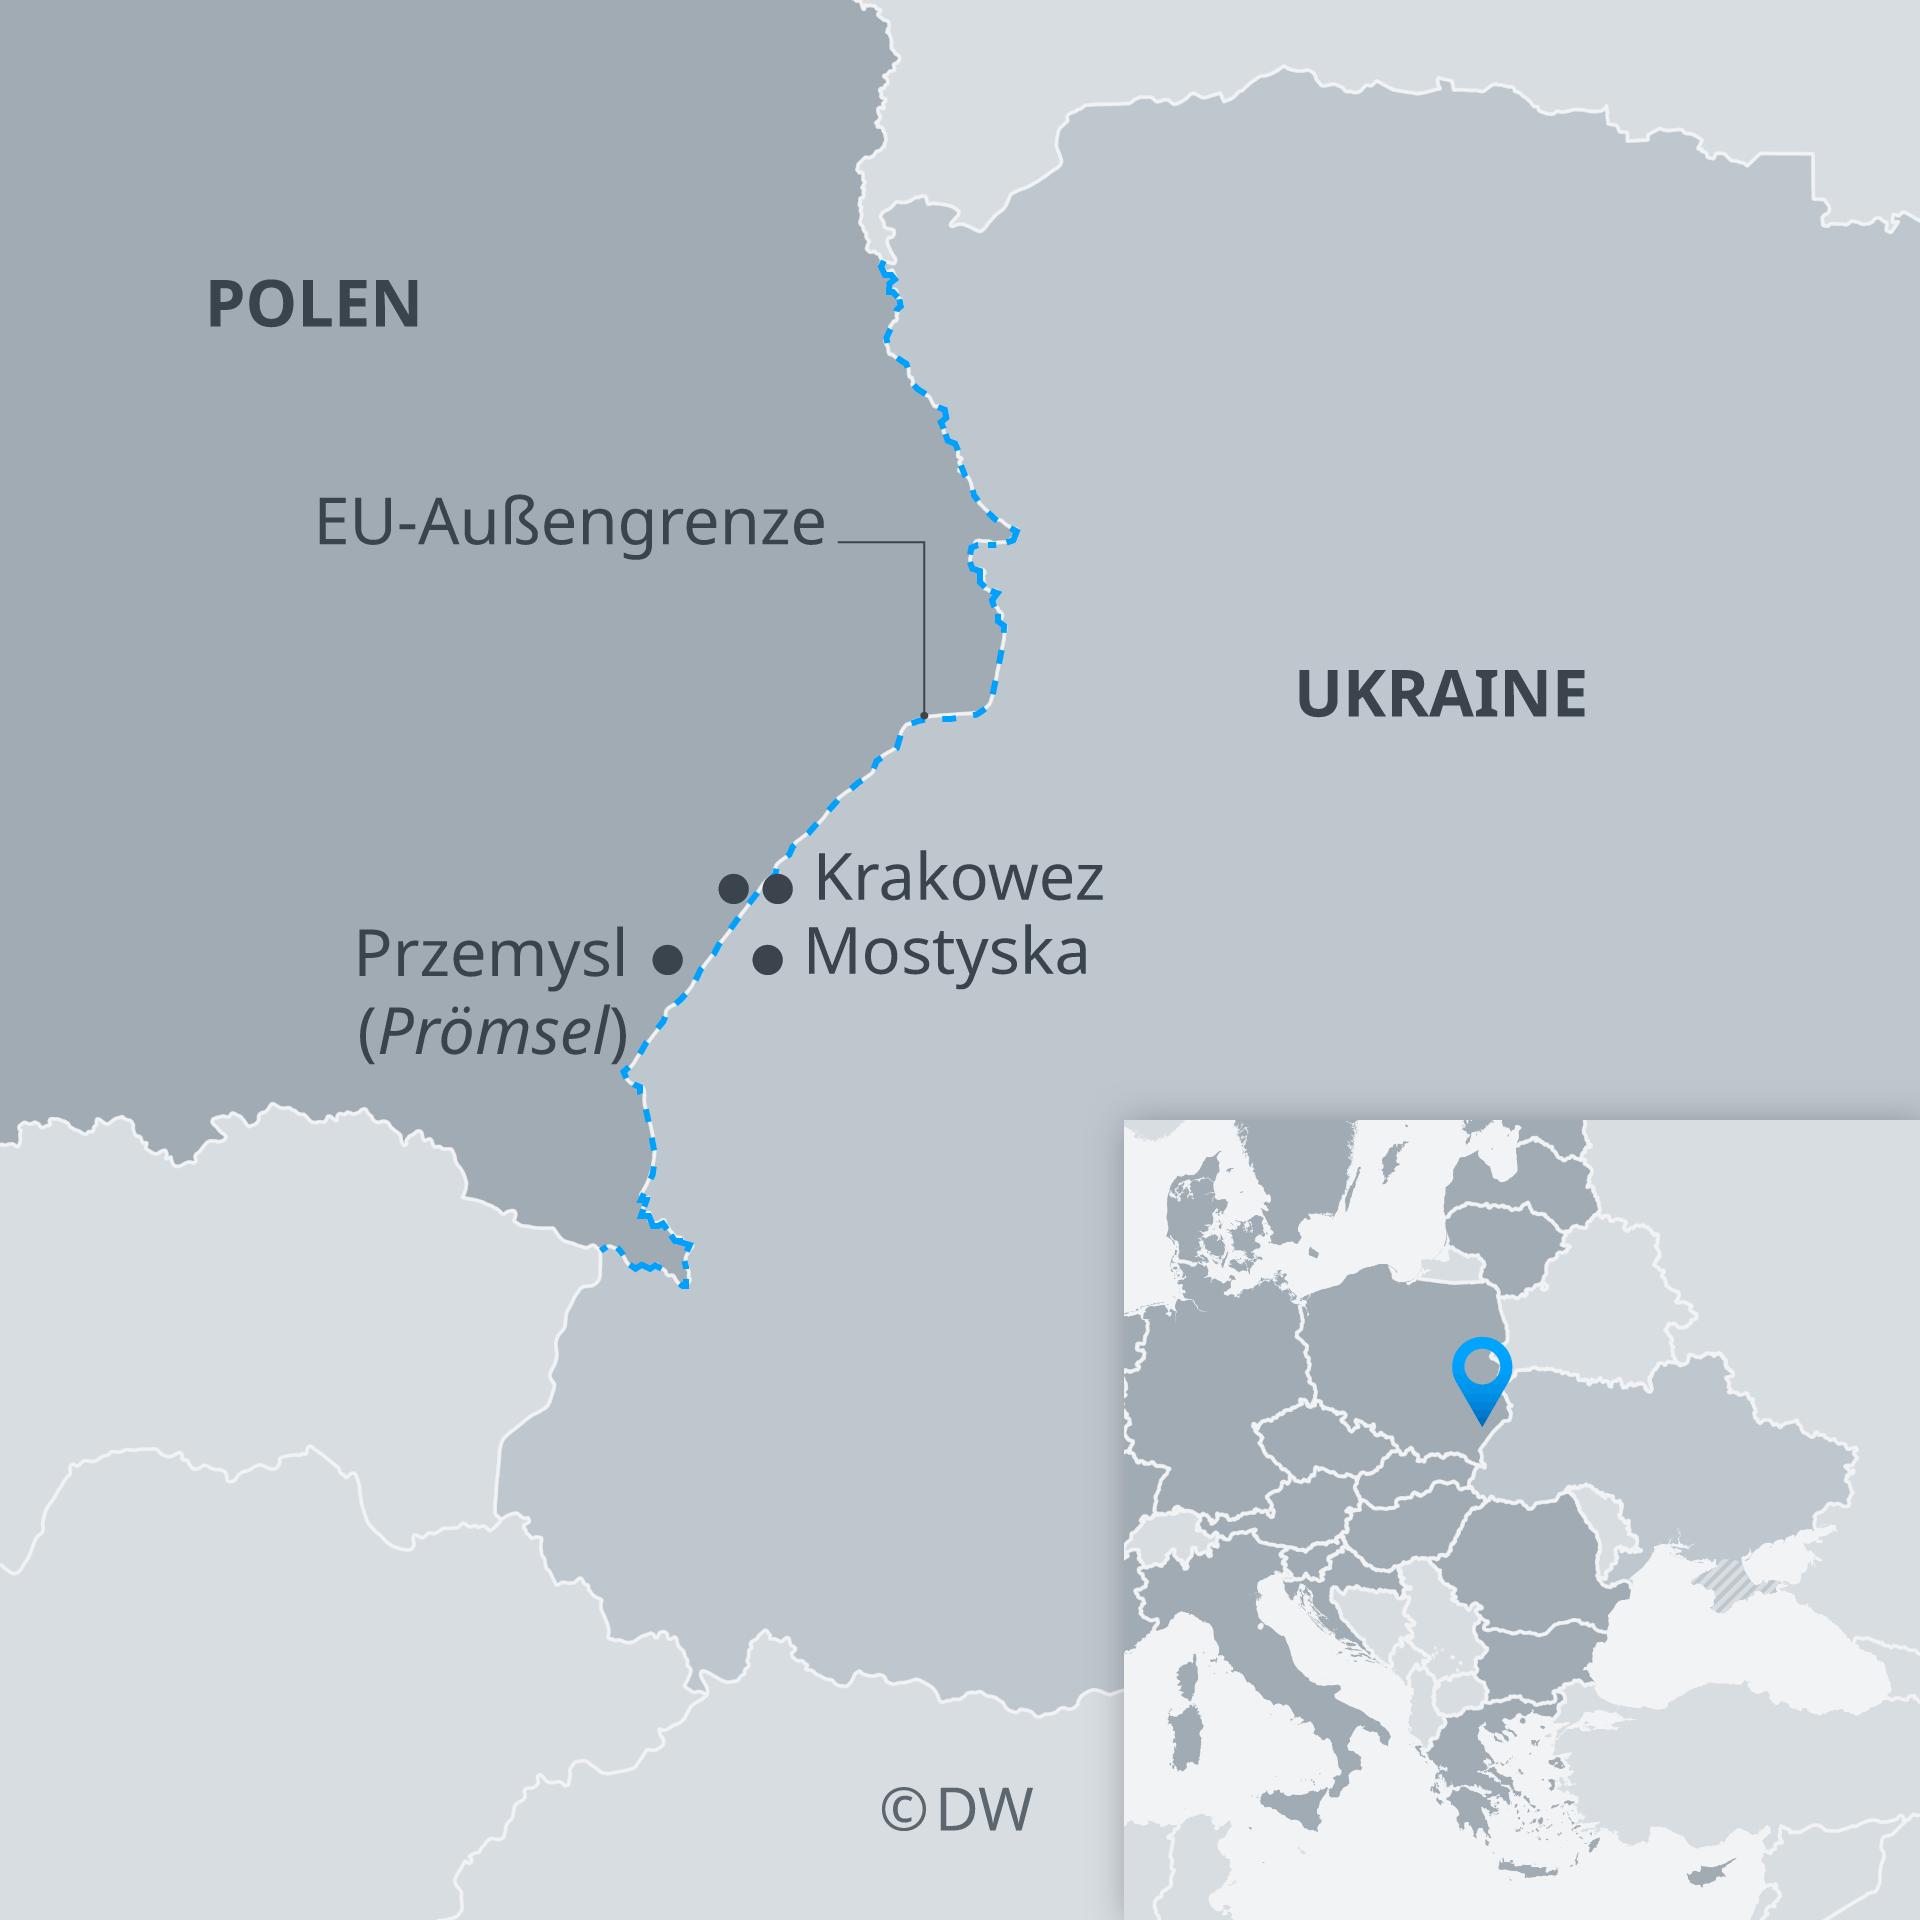 Pogranicze polsko-ukraińskie